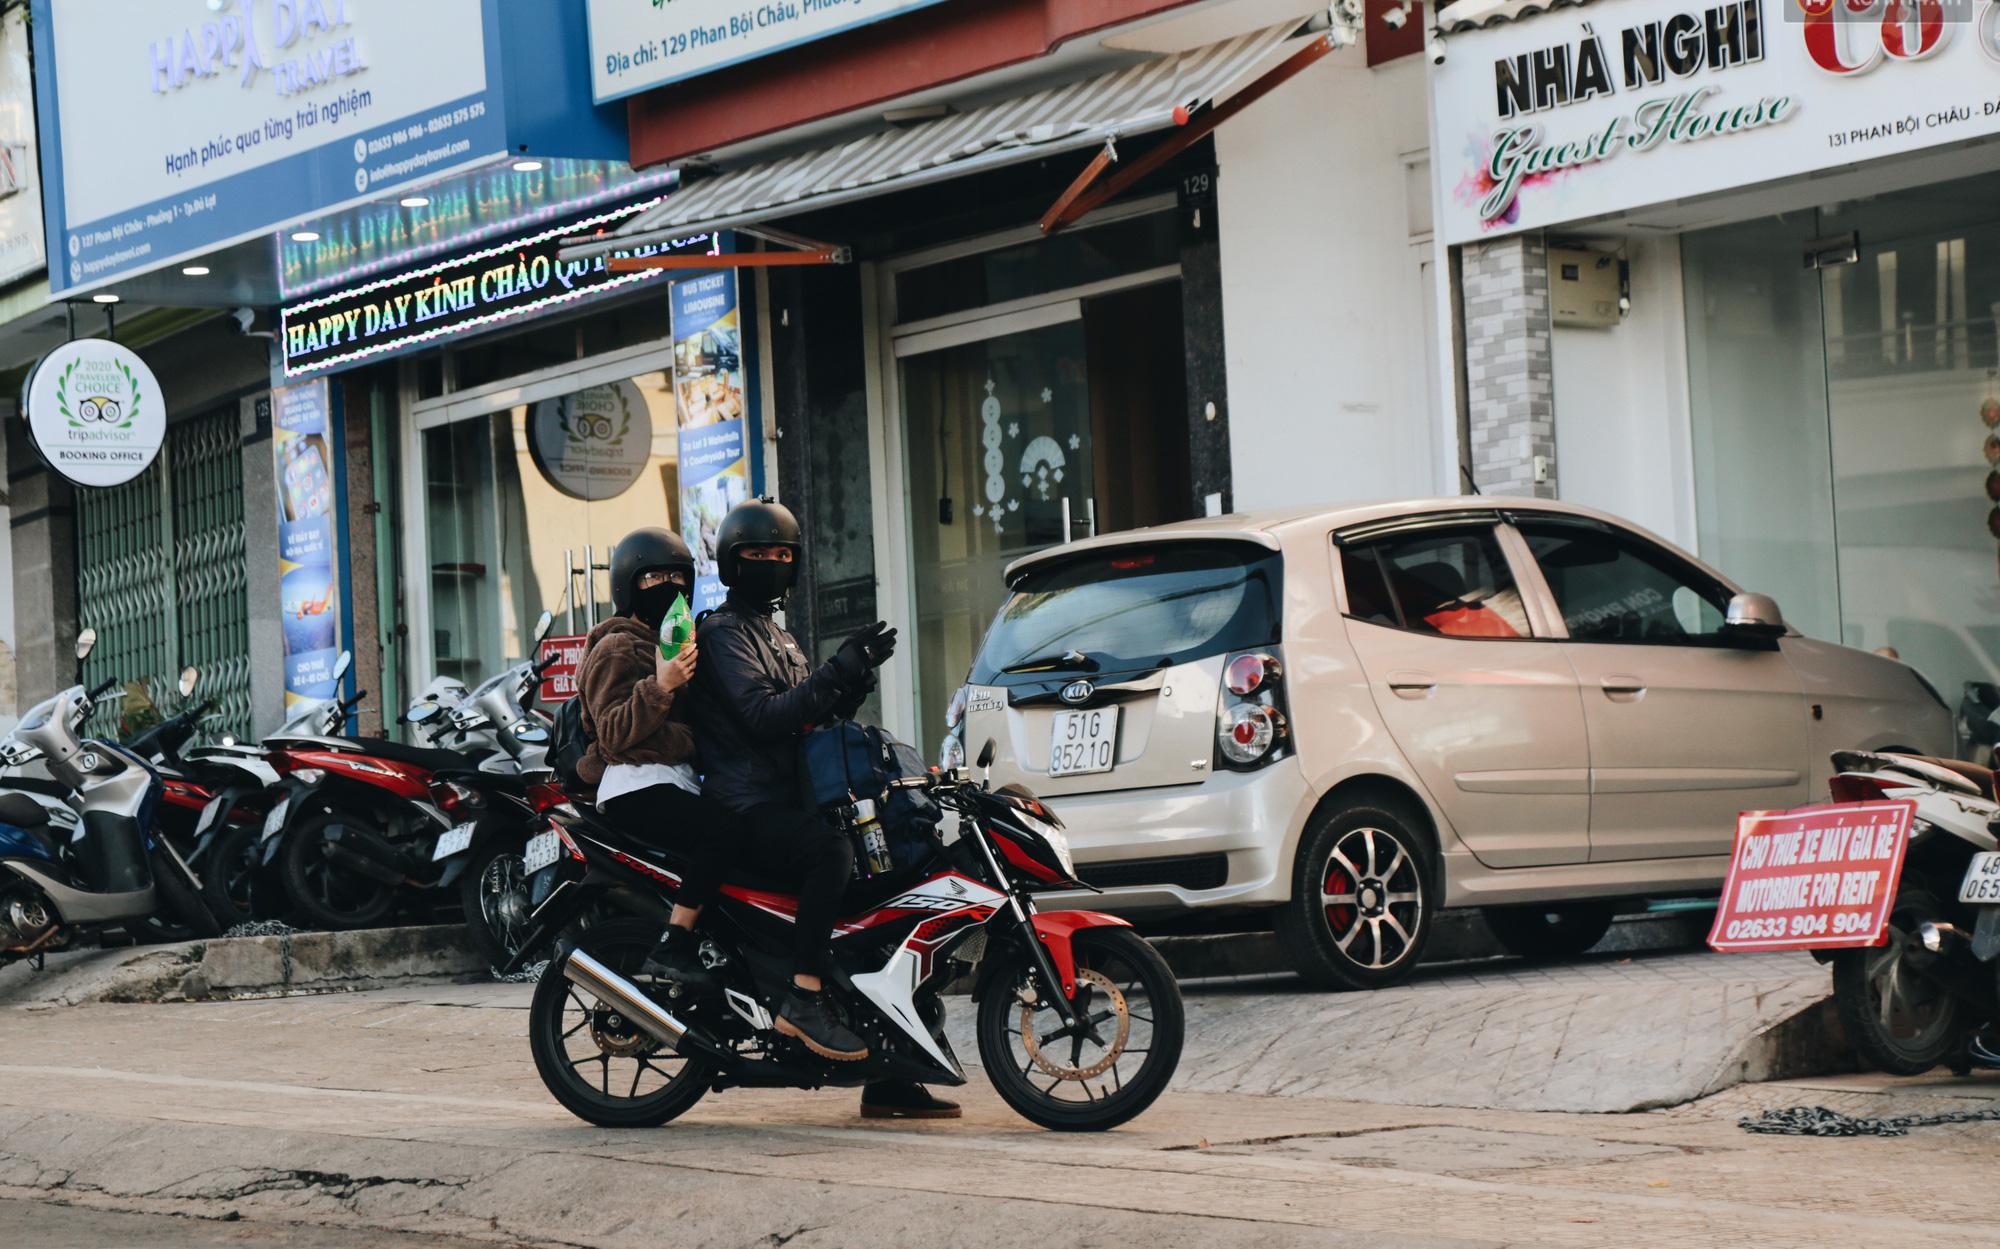 Khách du lịch tăng đột biến dịp nghỉ lễ, khách sạn ở Đà Lạt vẫn chưa